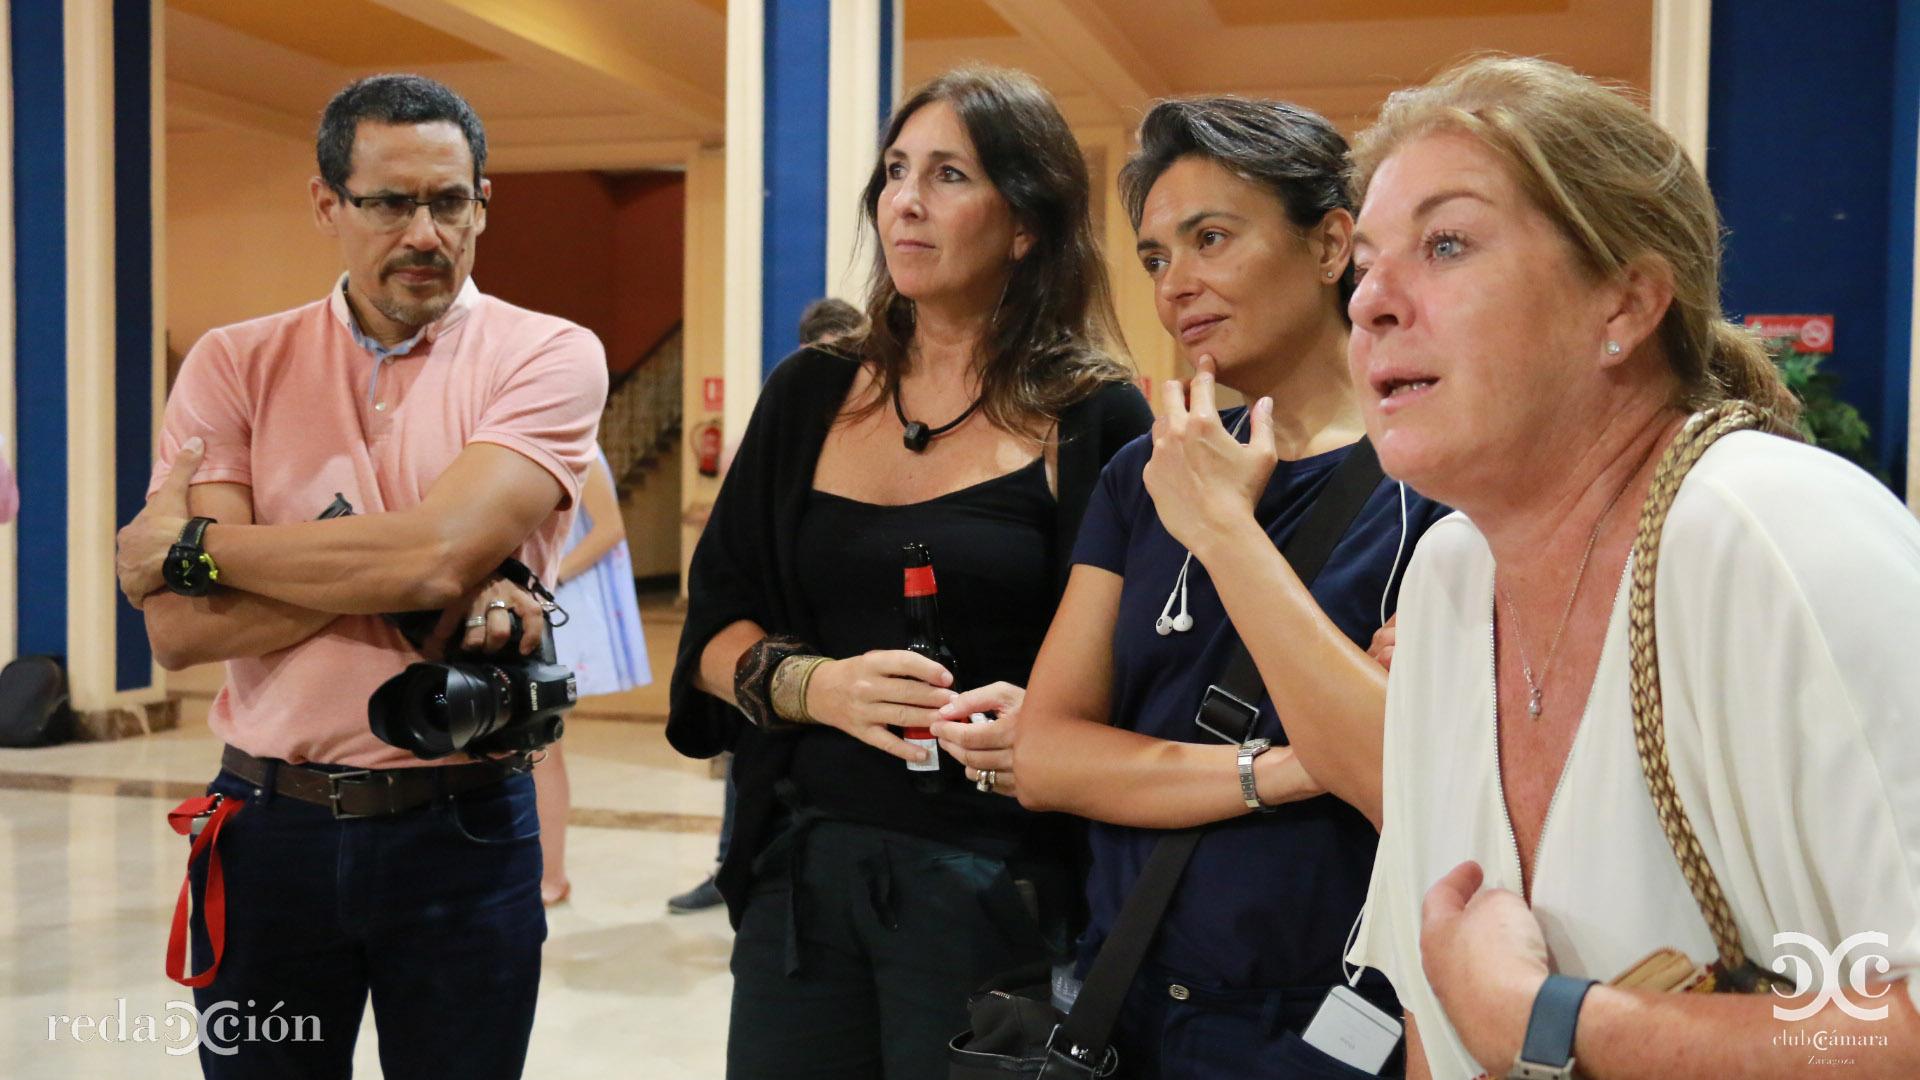 Amaury Cabrera, Eva del Ruste, Eugenia Aragonés y Olga Pueyo.